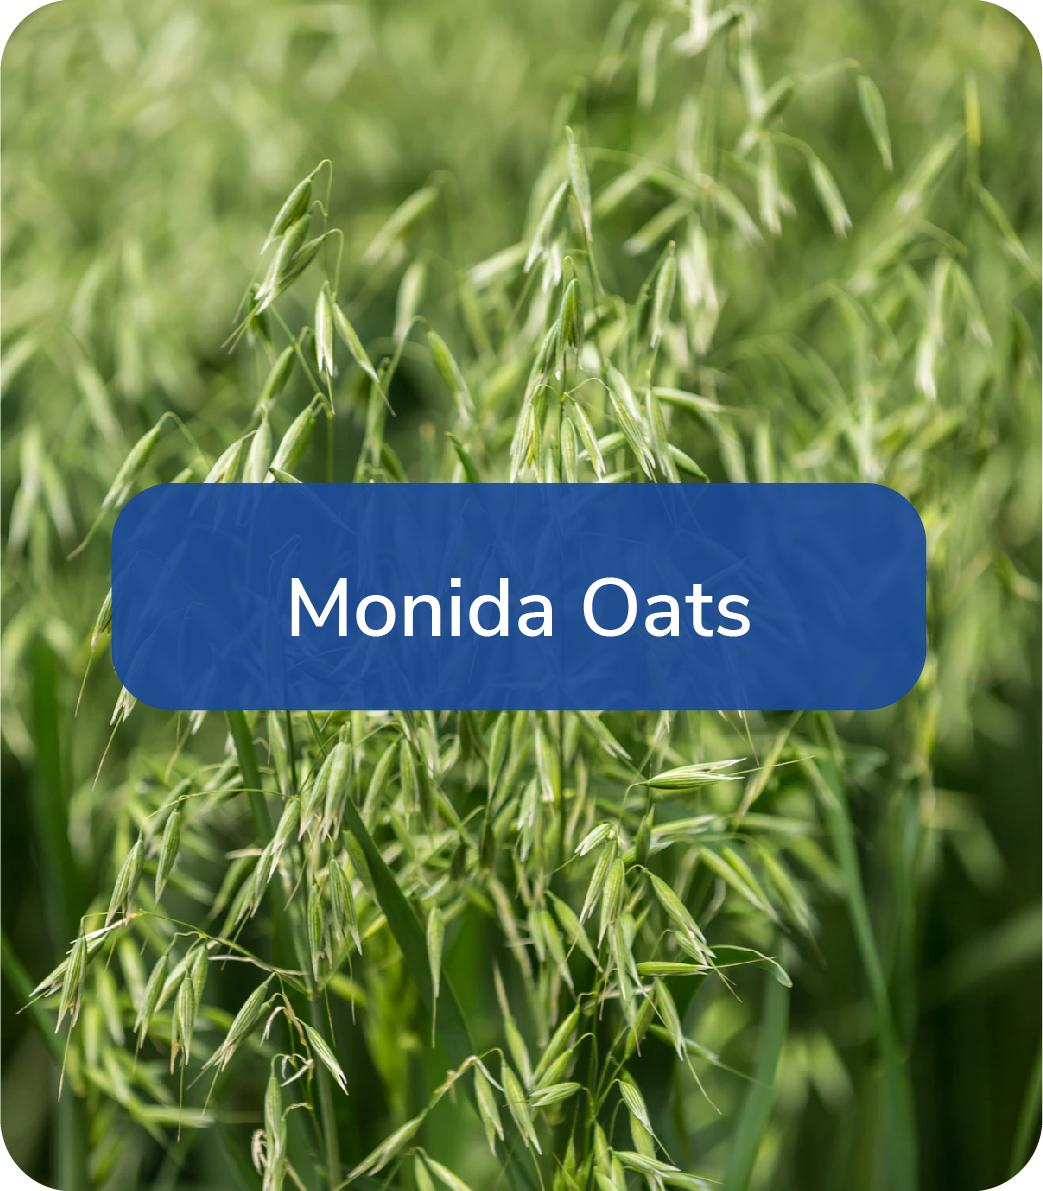 monida oats